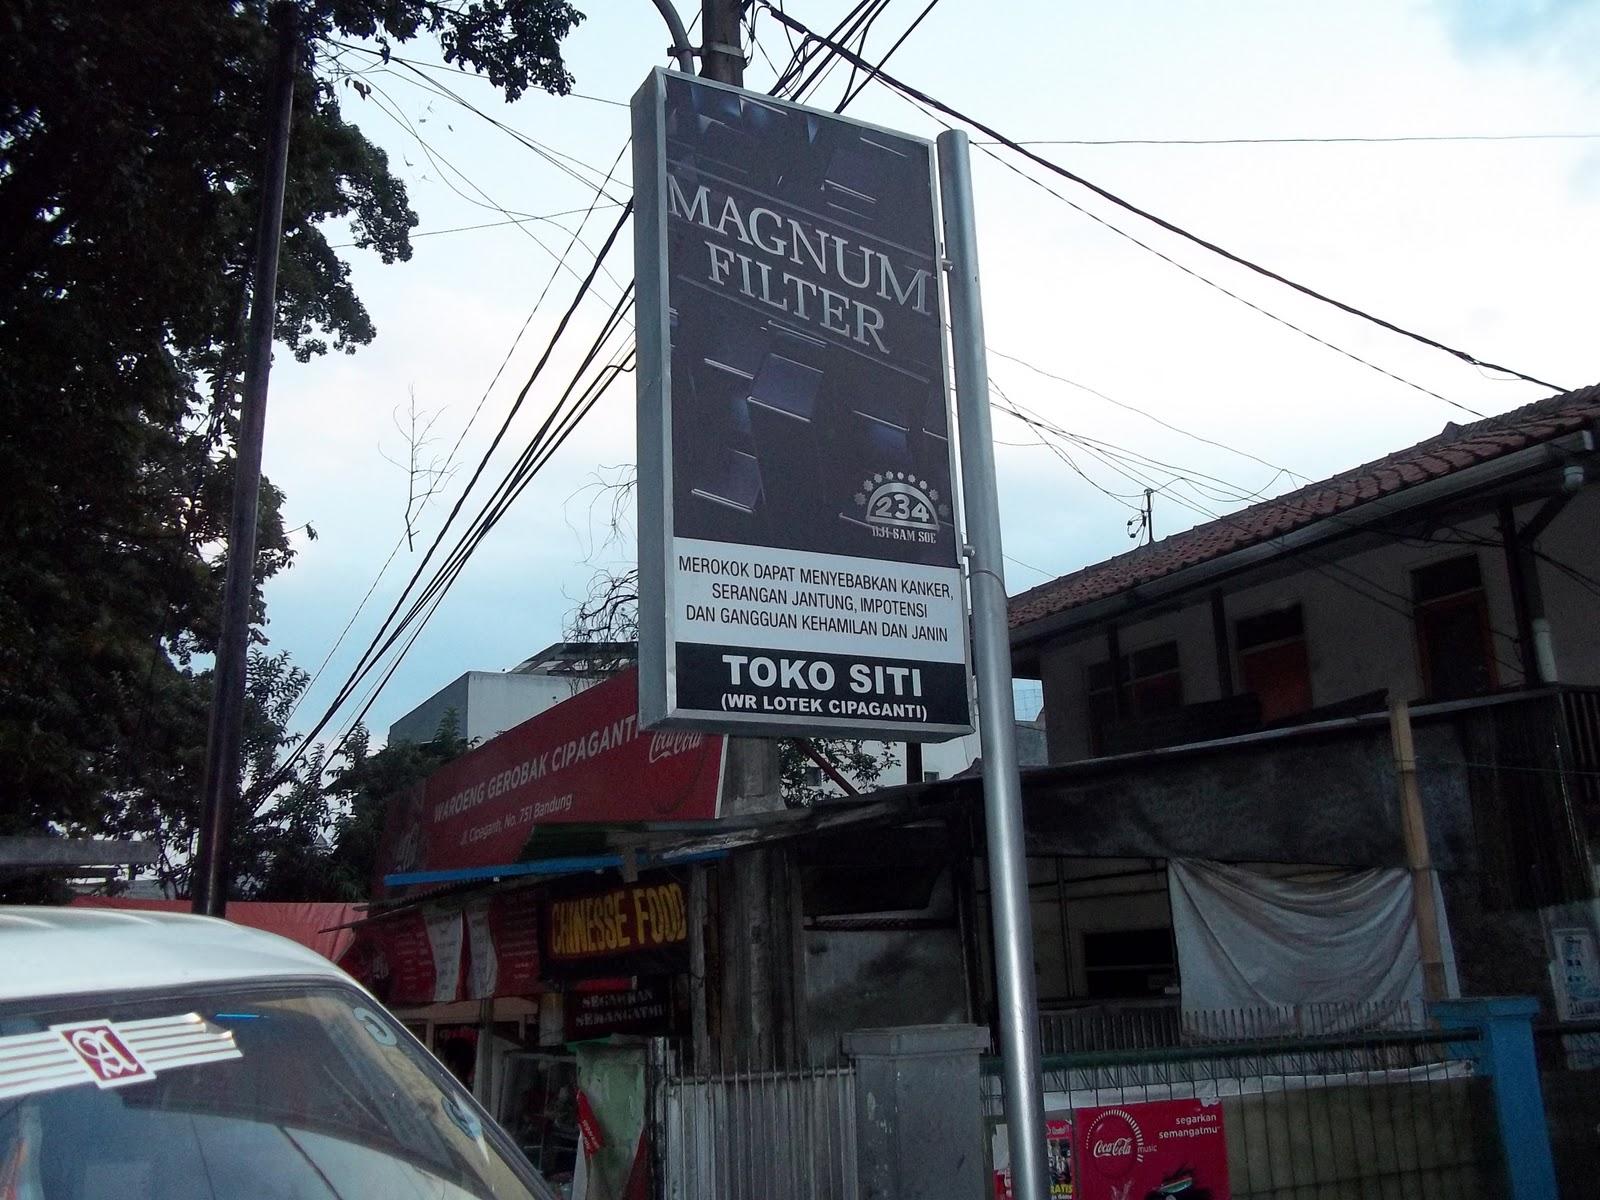 Kreasi Advertising